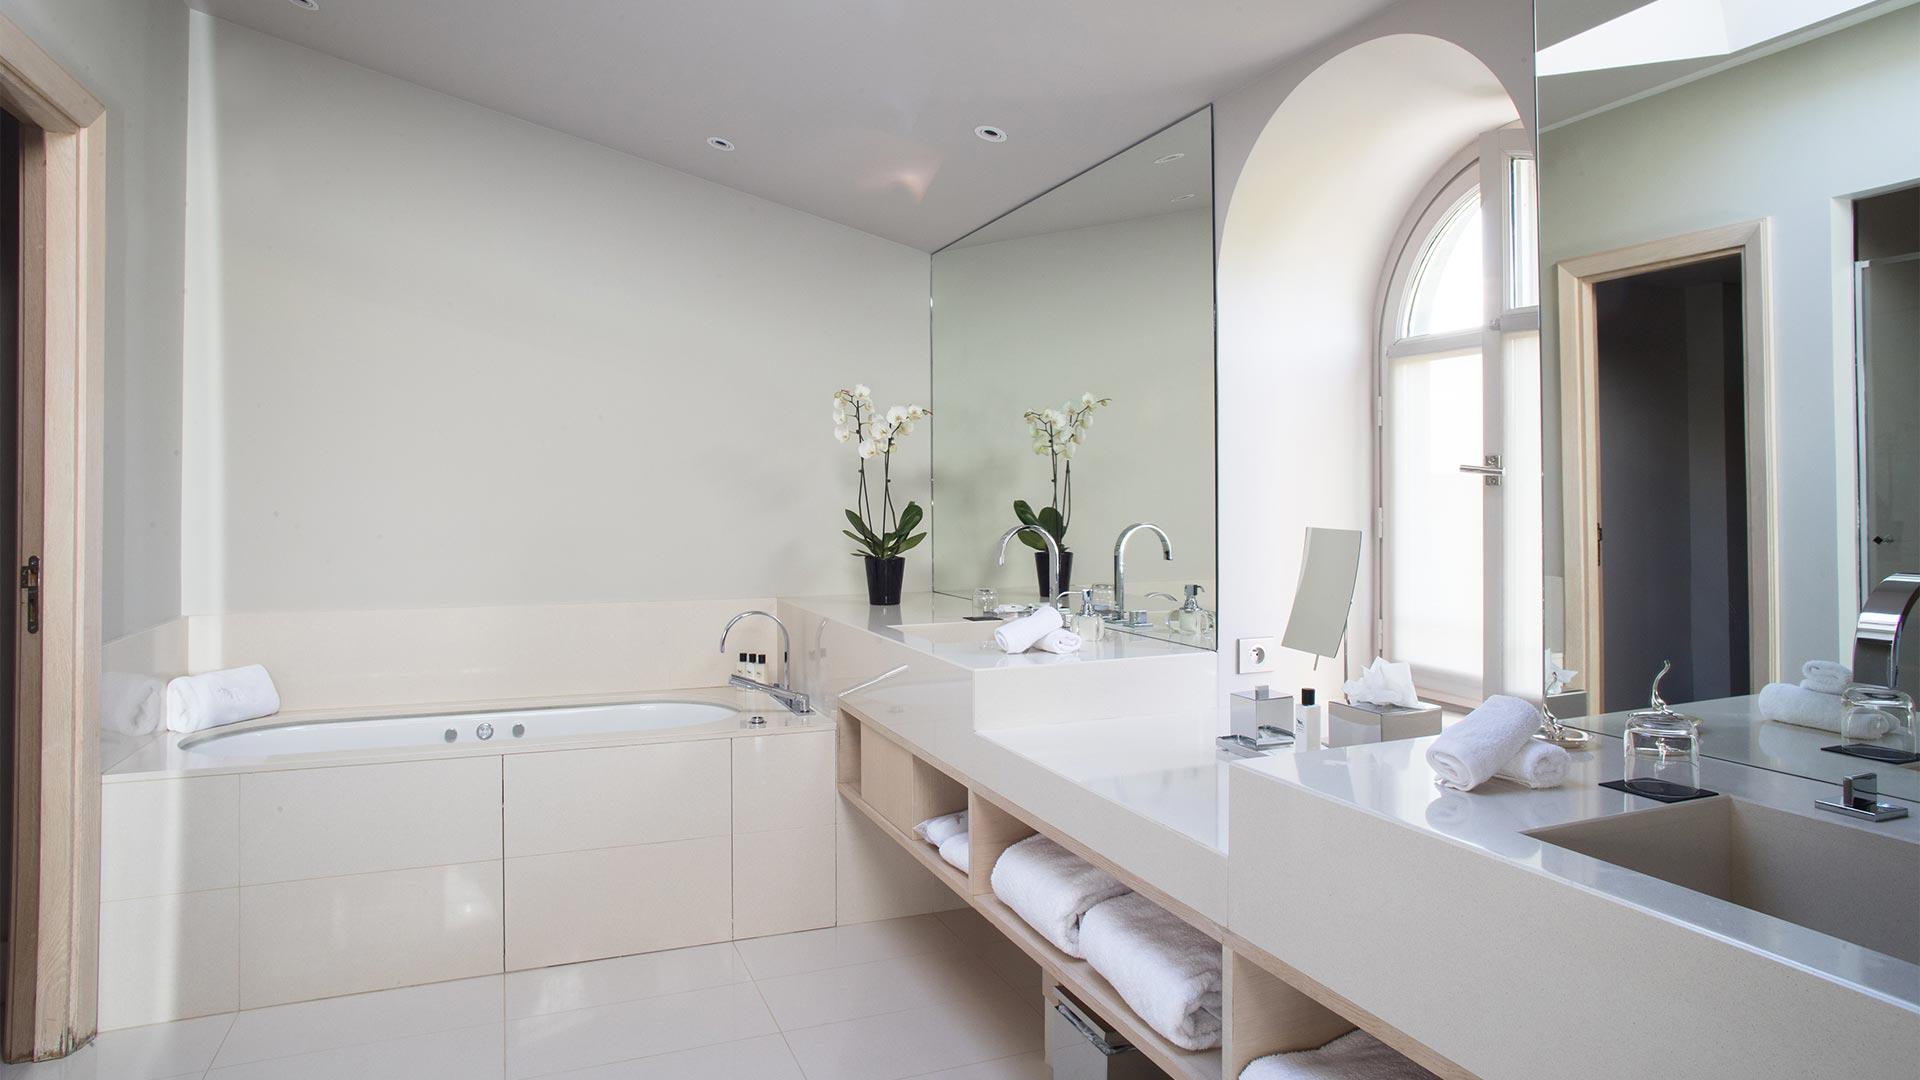 Luxury Apartment for Rent, Paris, 16th Arrondissement, France